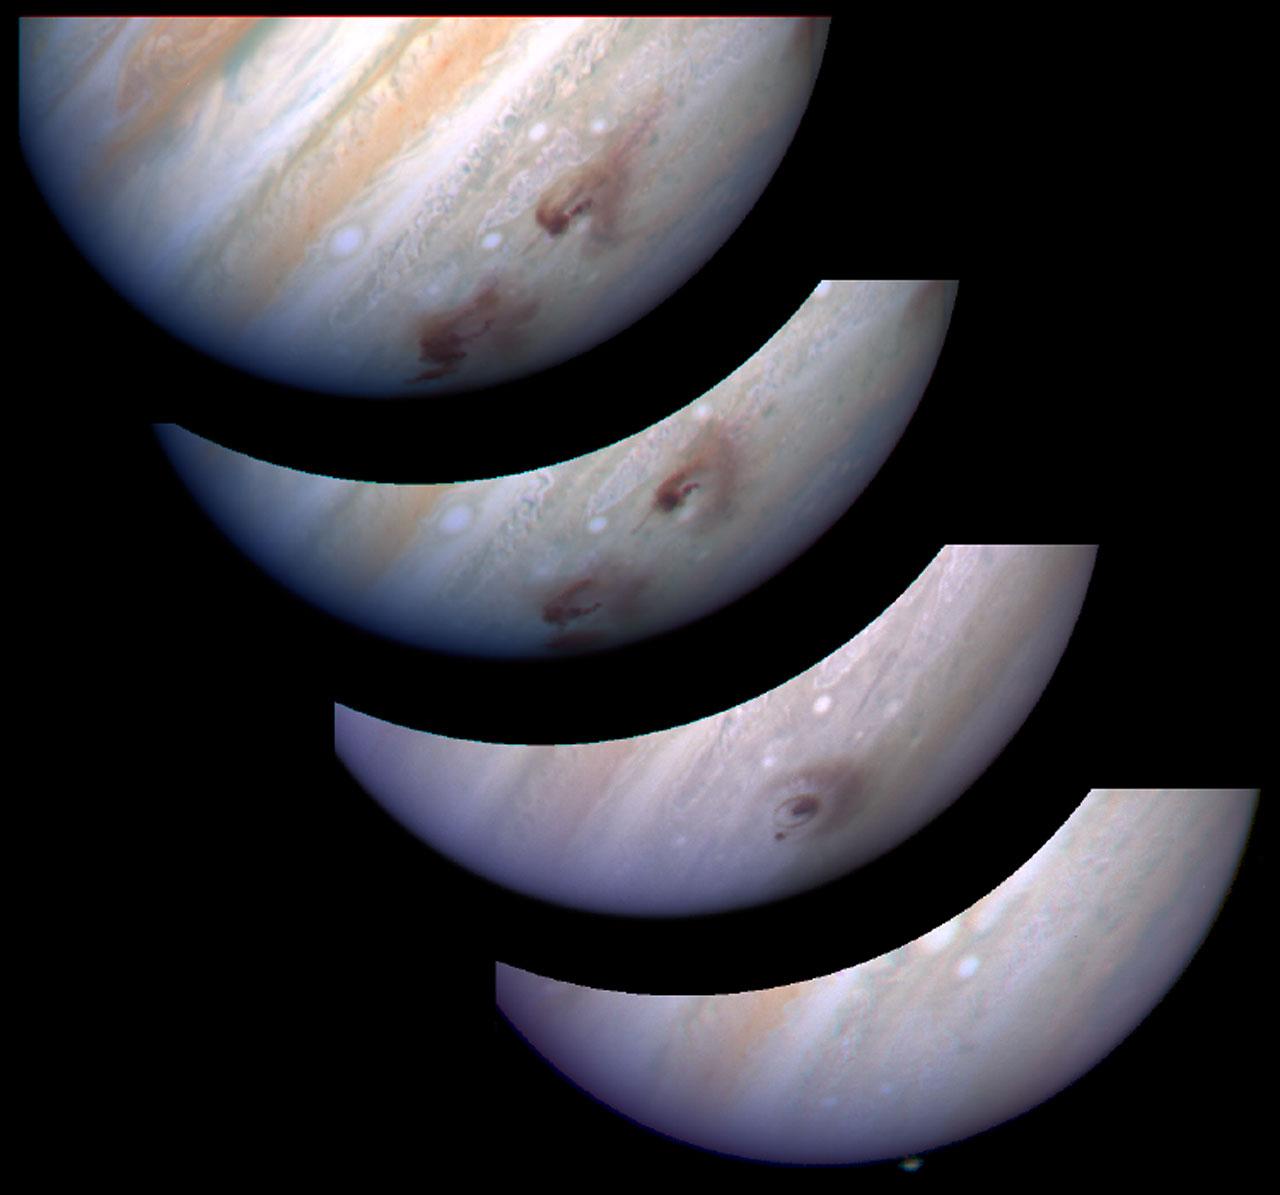 Take That, Jupiter! Planet's Great Comet Crash of 1994 Recalled